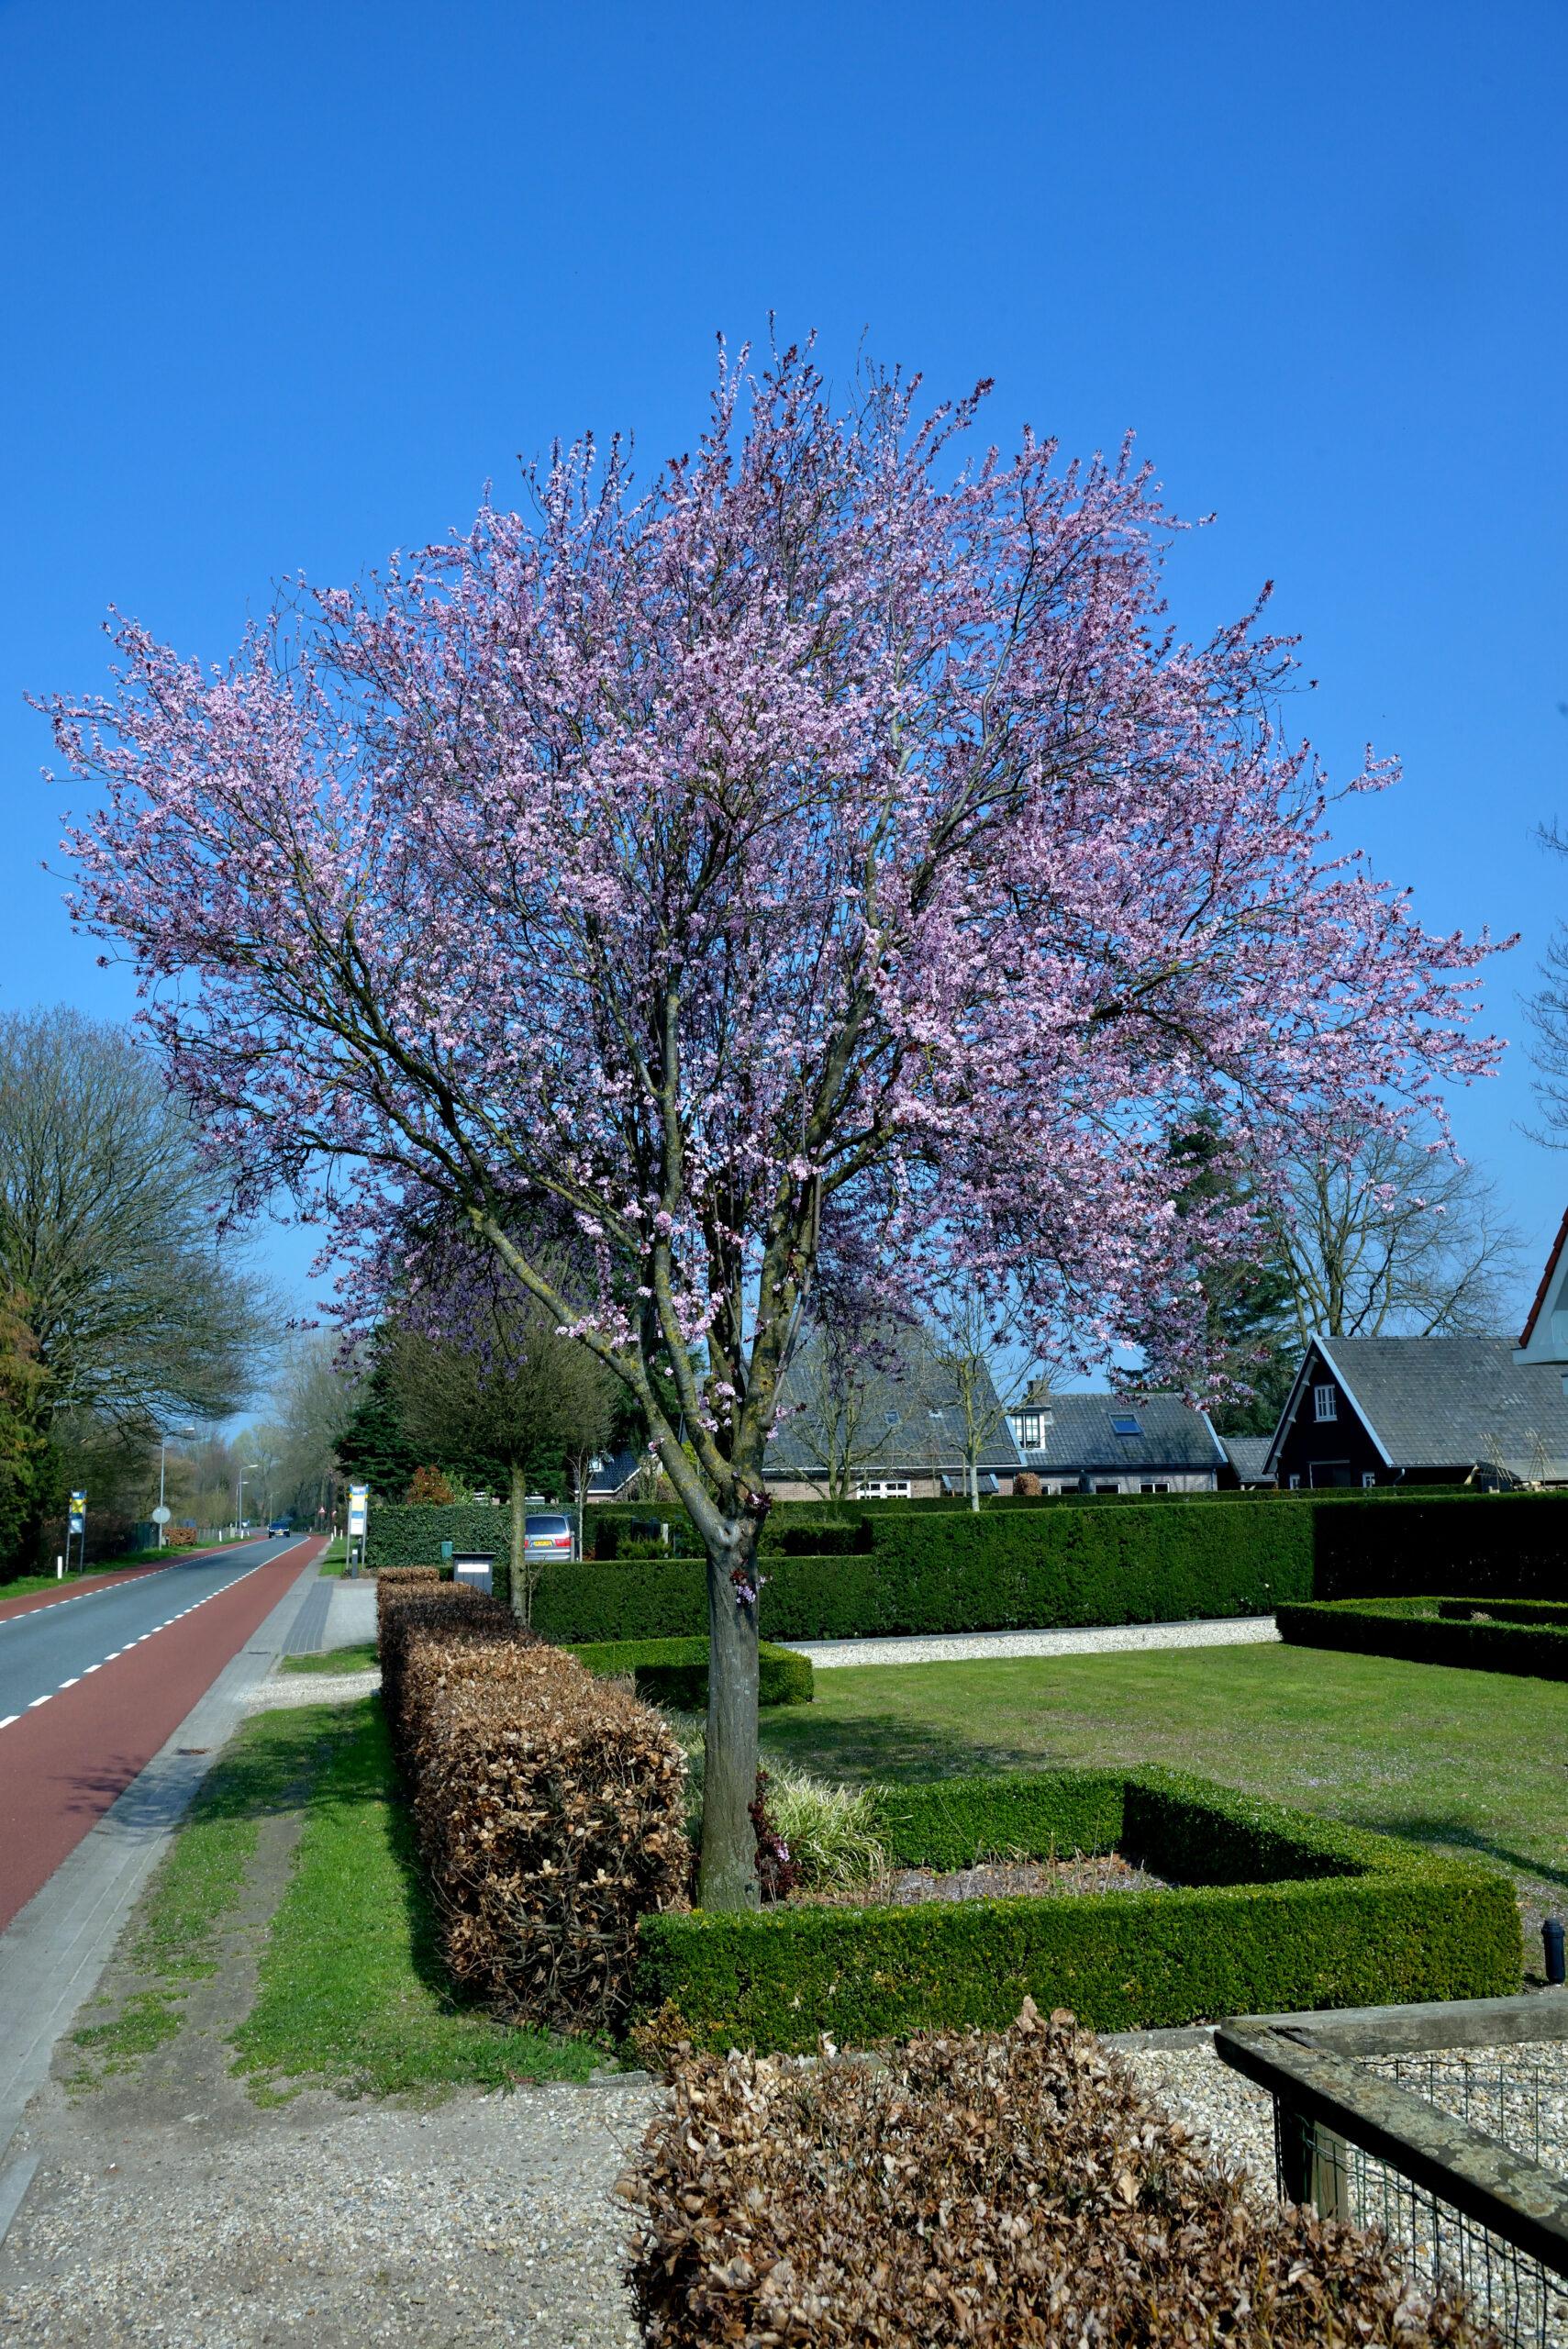 Blodblommetræ i fuld blomstring med flotte lilla blomster